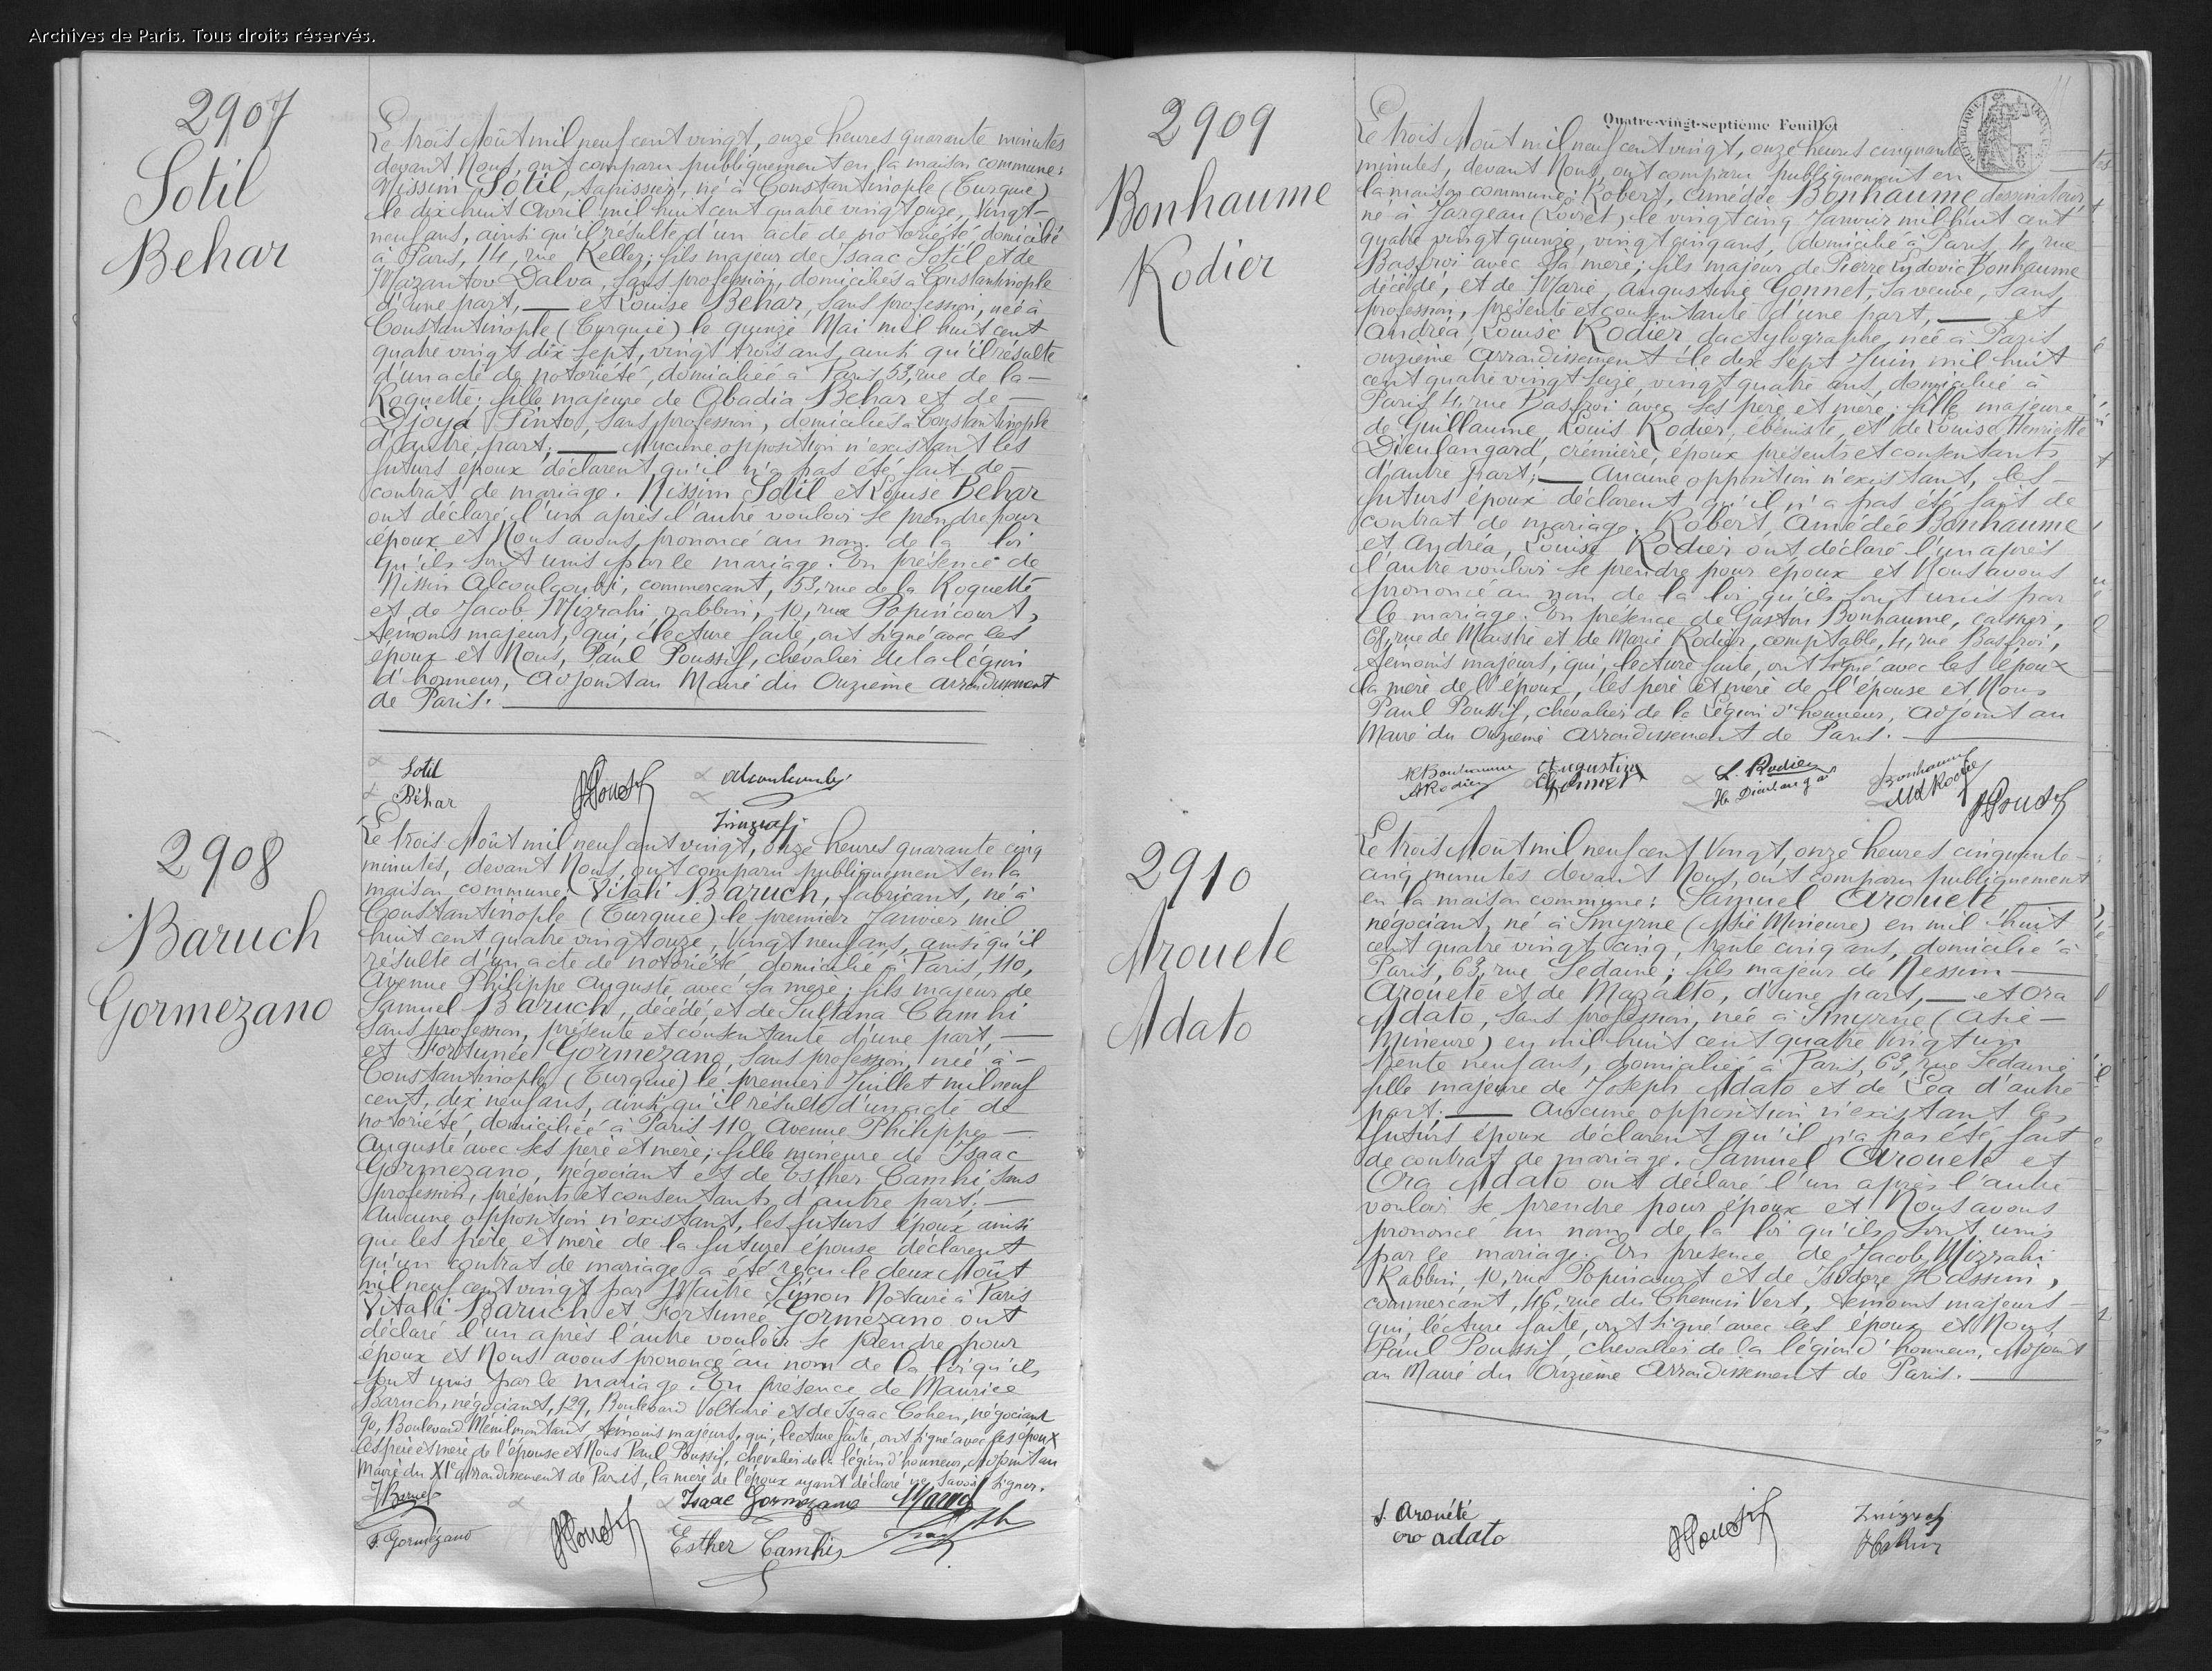 Acte de MAriage de Samuel AROUETE et Oro ADATO [Archives Municipales de Paris, en ligne]